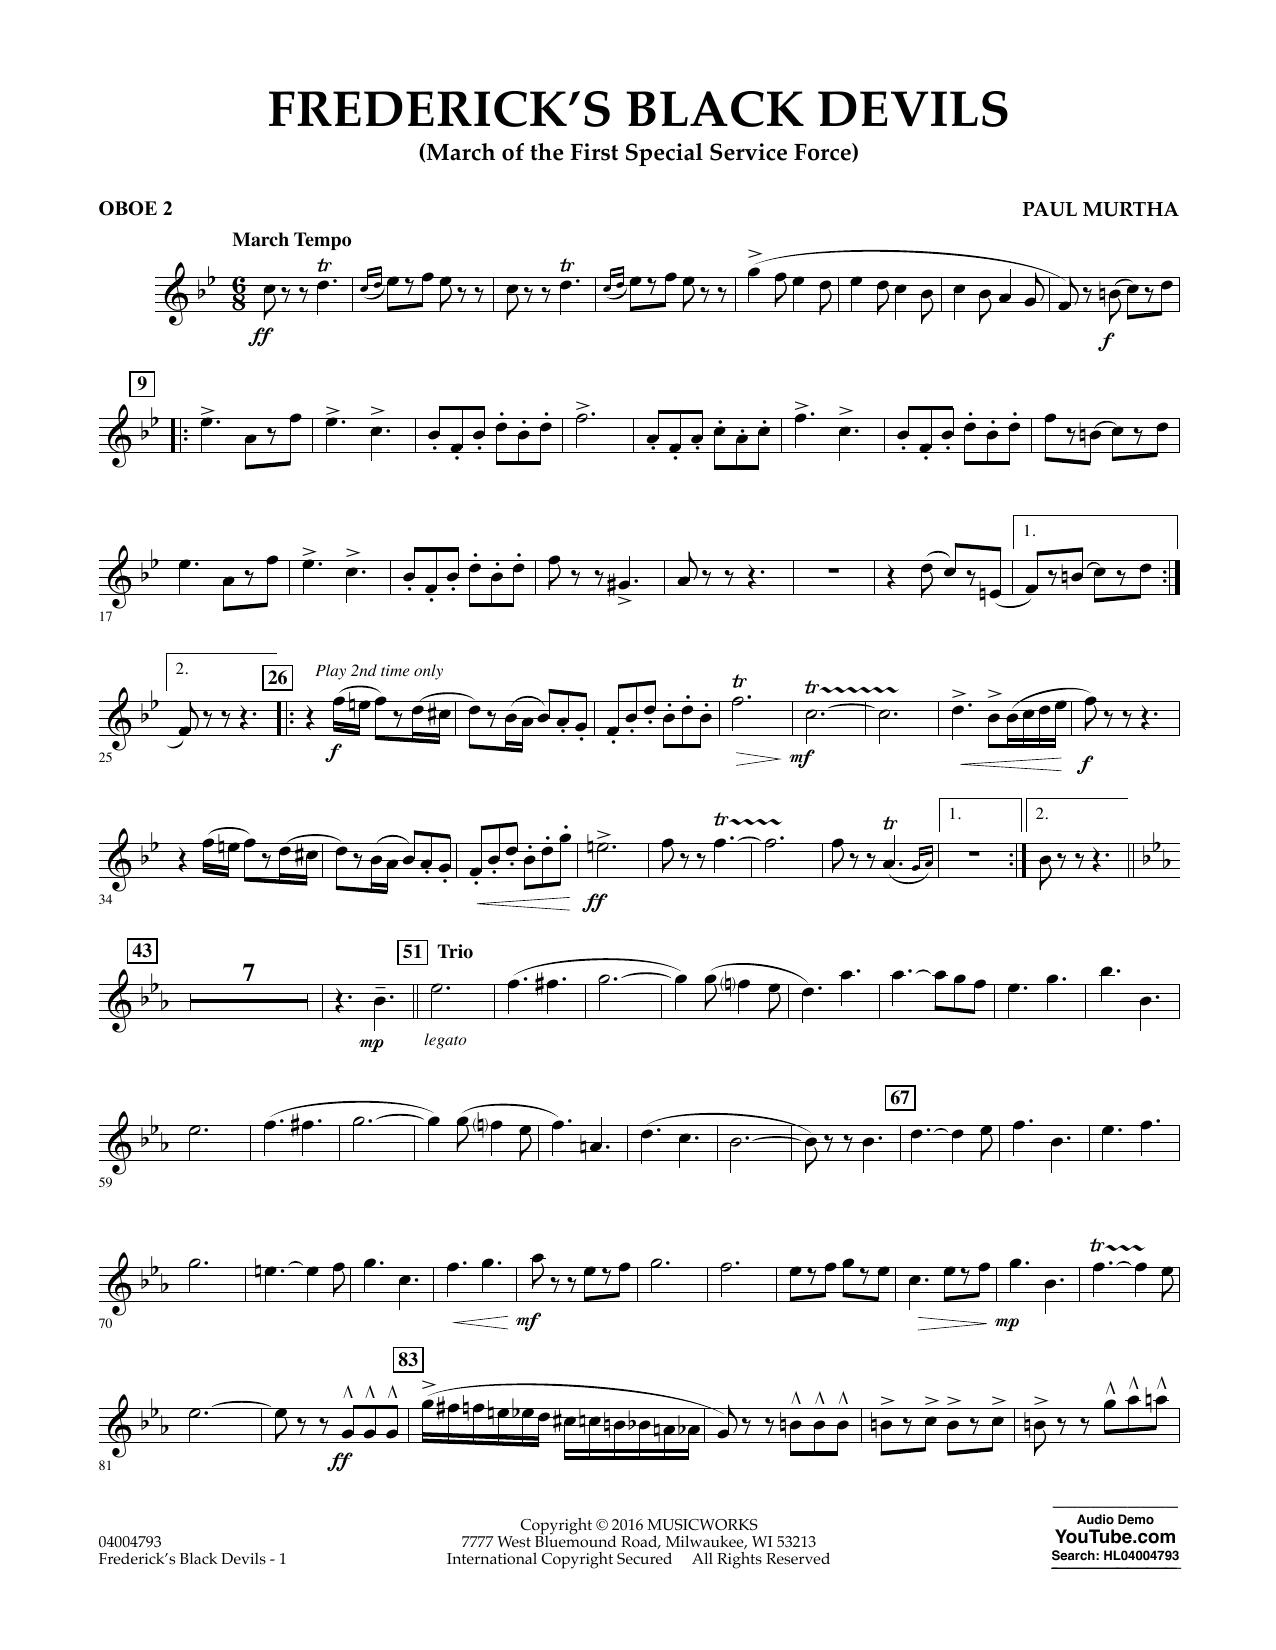 Frederick's Black Devils - Oboe 2